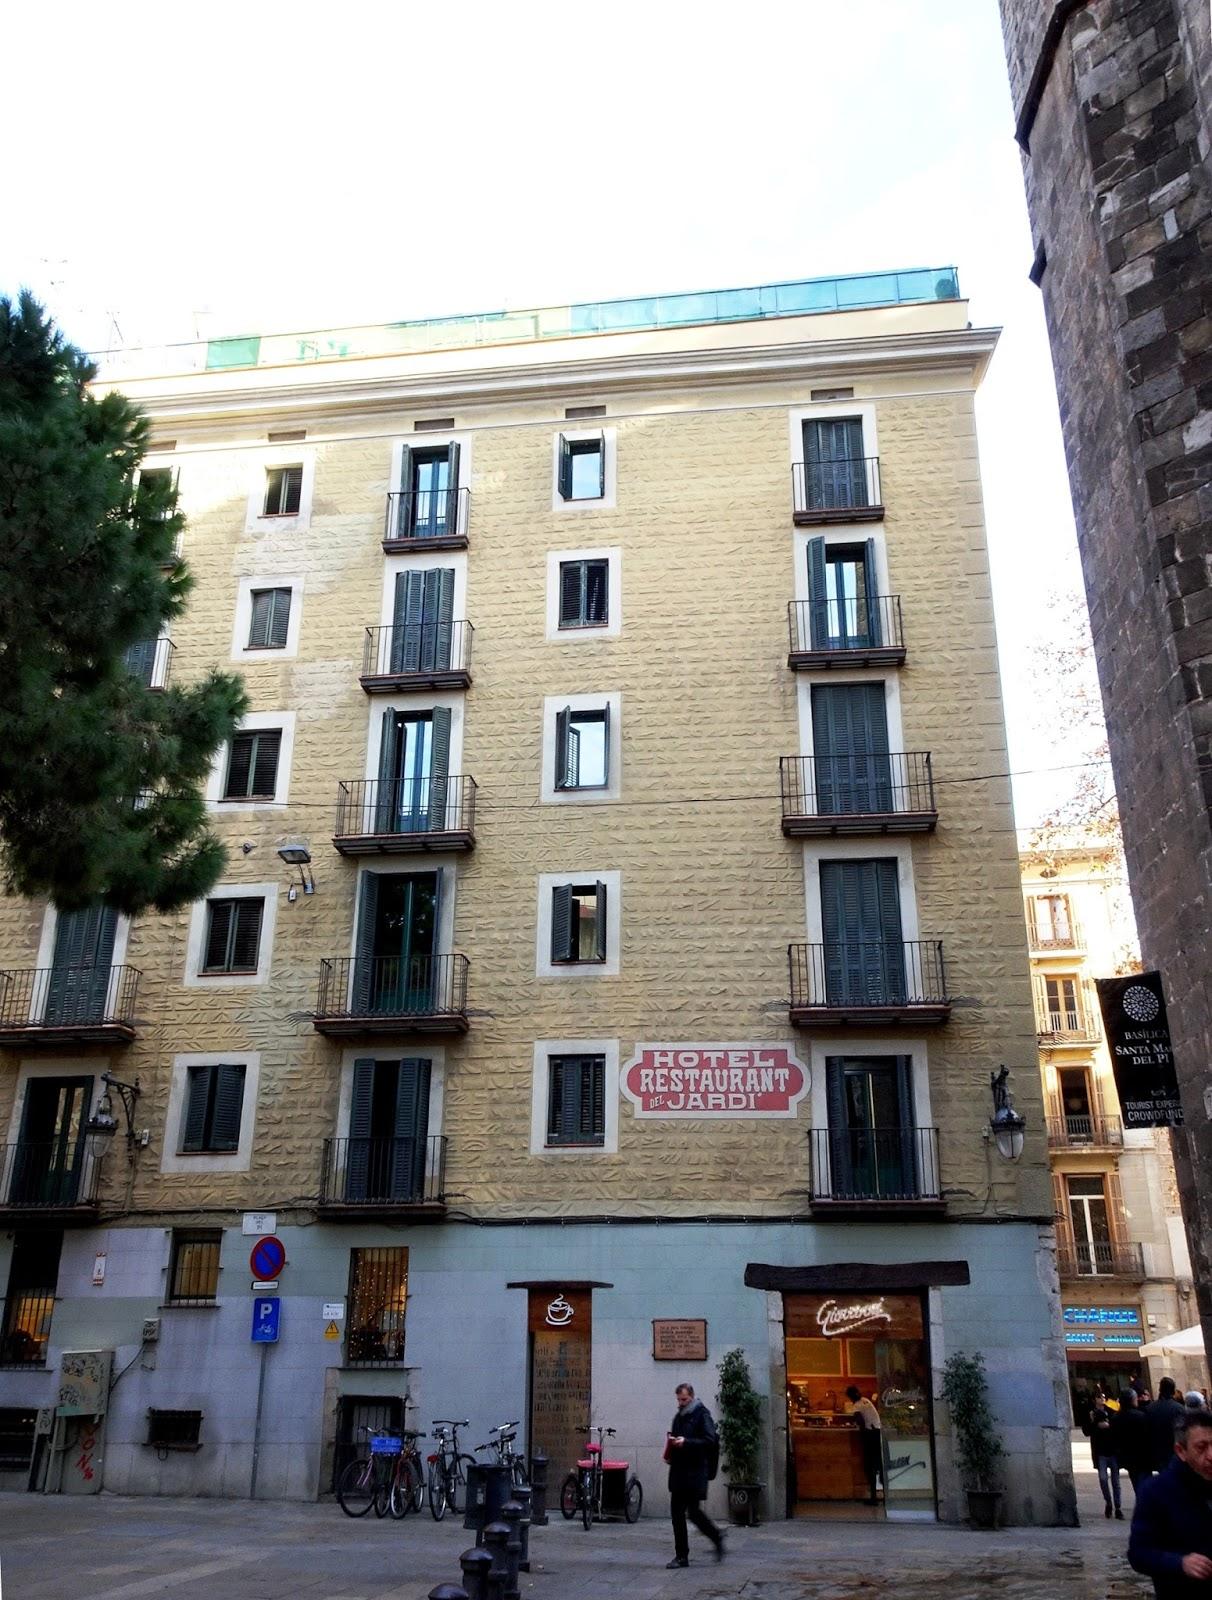 Redescubriendo barcelona y m s all 11 01 2017 hotel del for Hotel el jardi barcelona